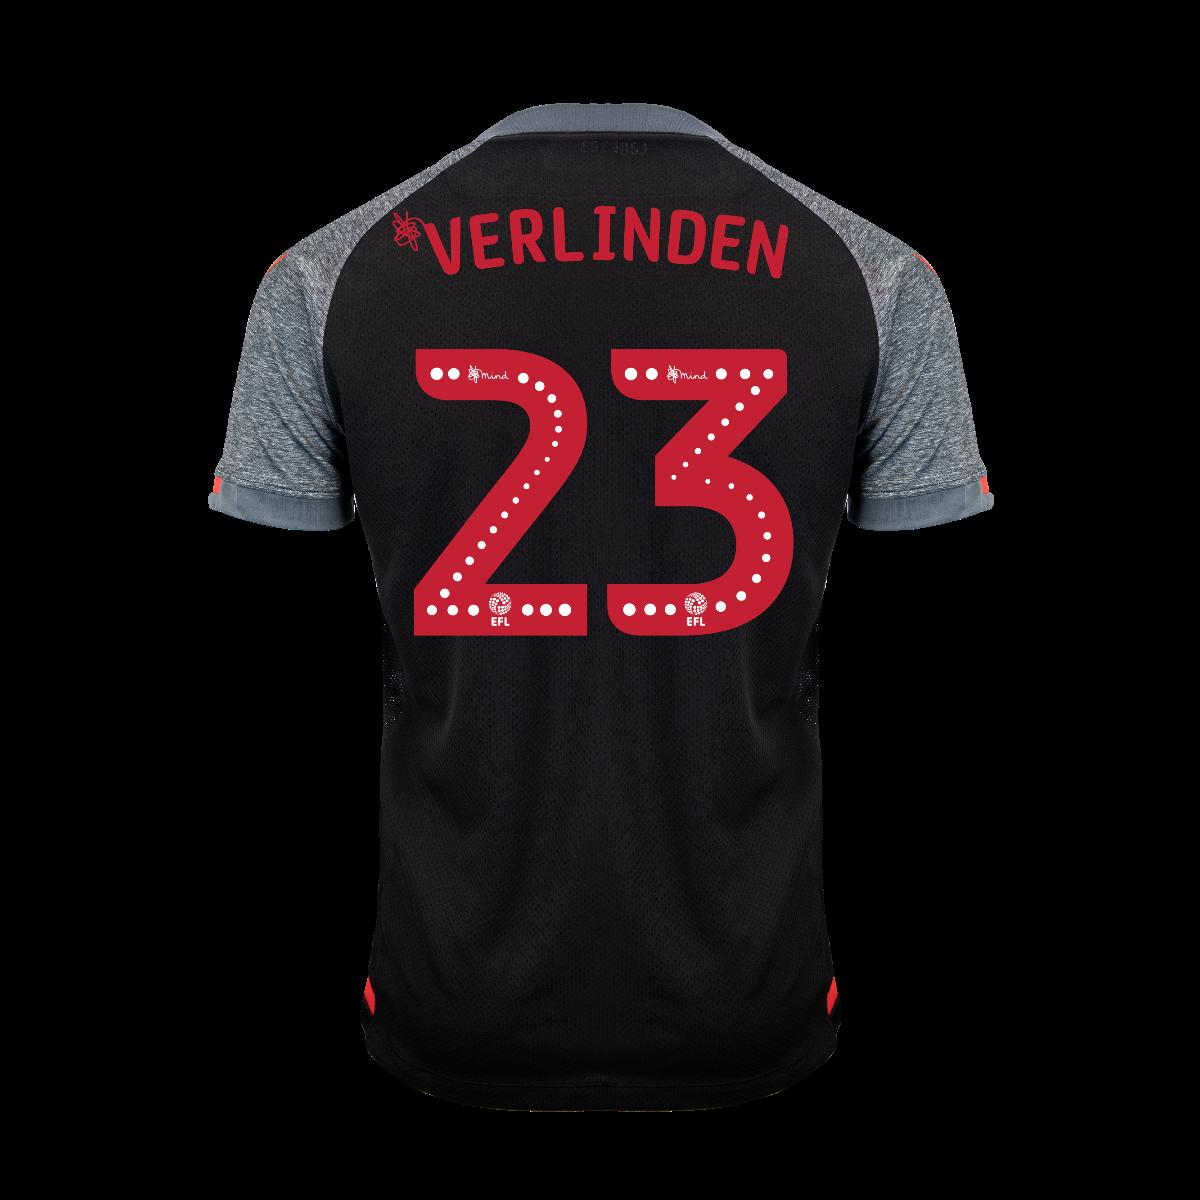 2019/20 Adult Away SS Shirt - Verlinden